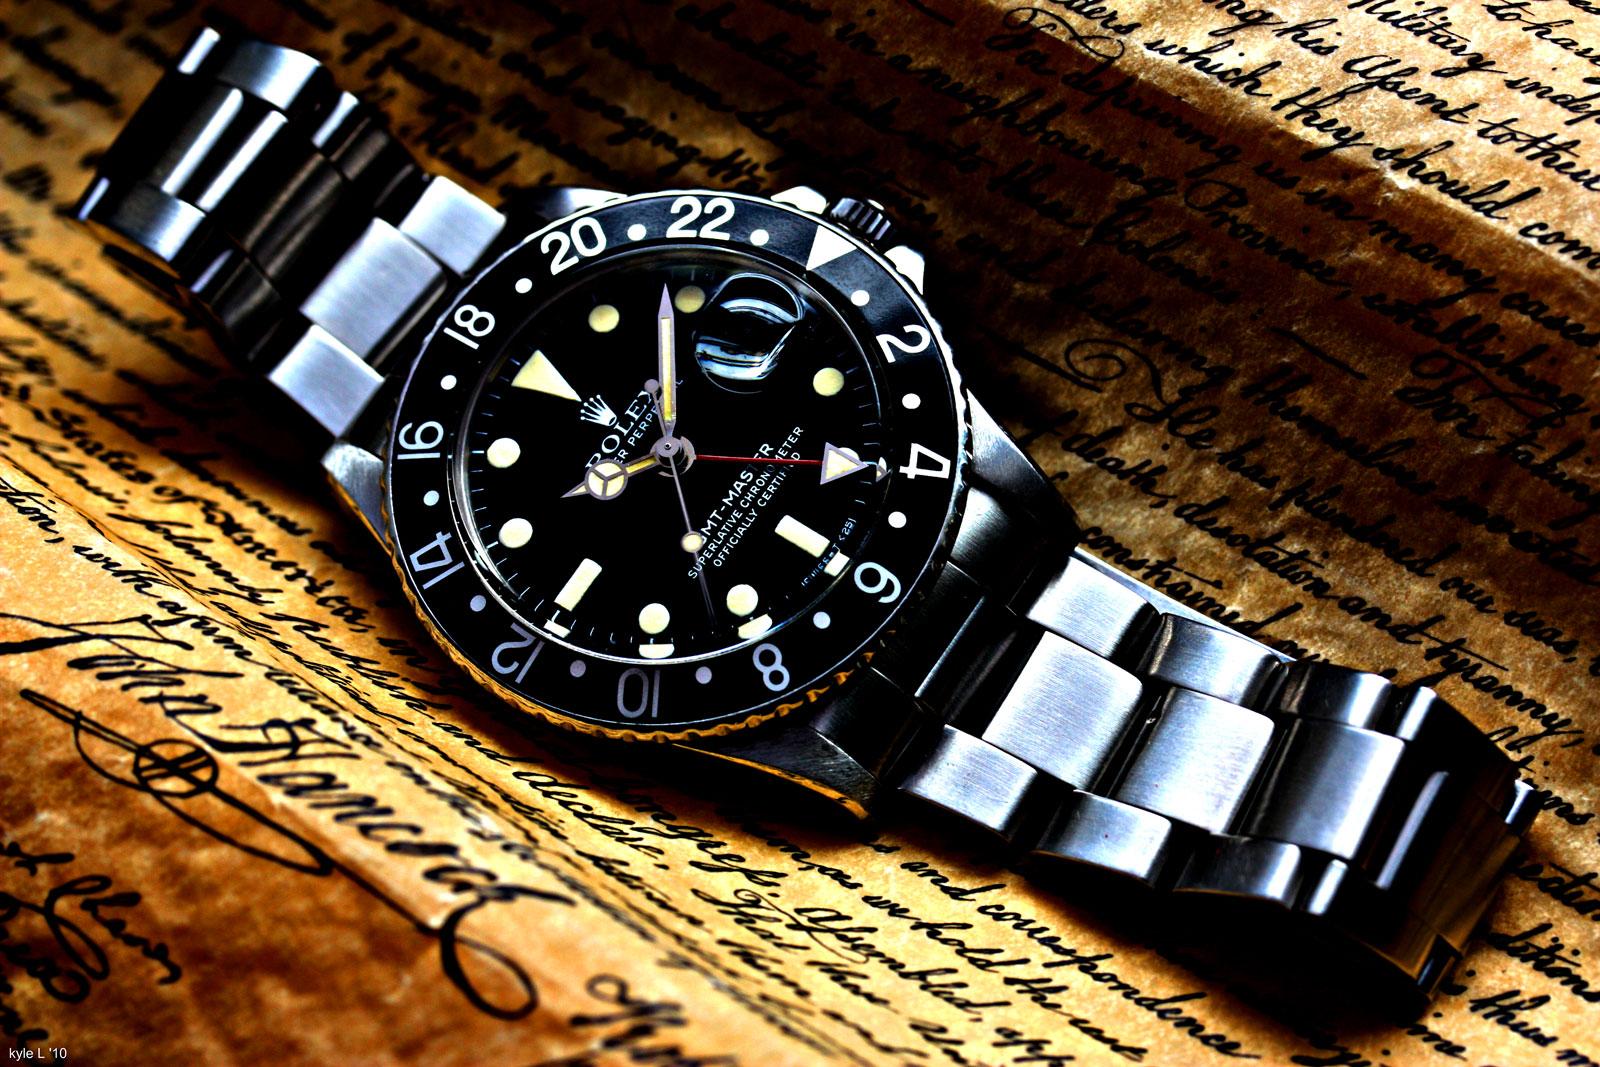 f71ec0e7050 Welcome to RolexMagazine.com...Home of Jake's Rolex World Magazine ...